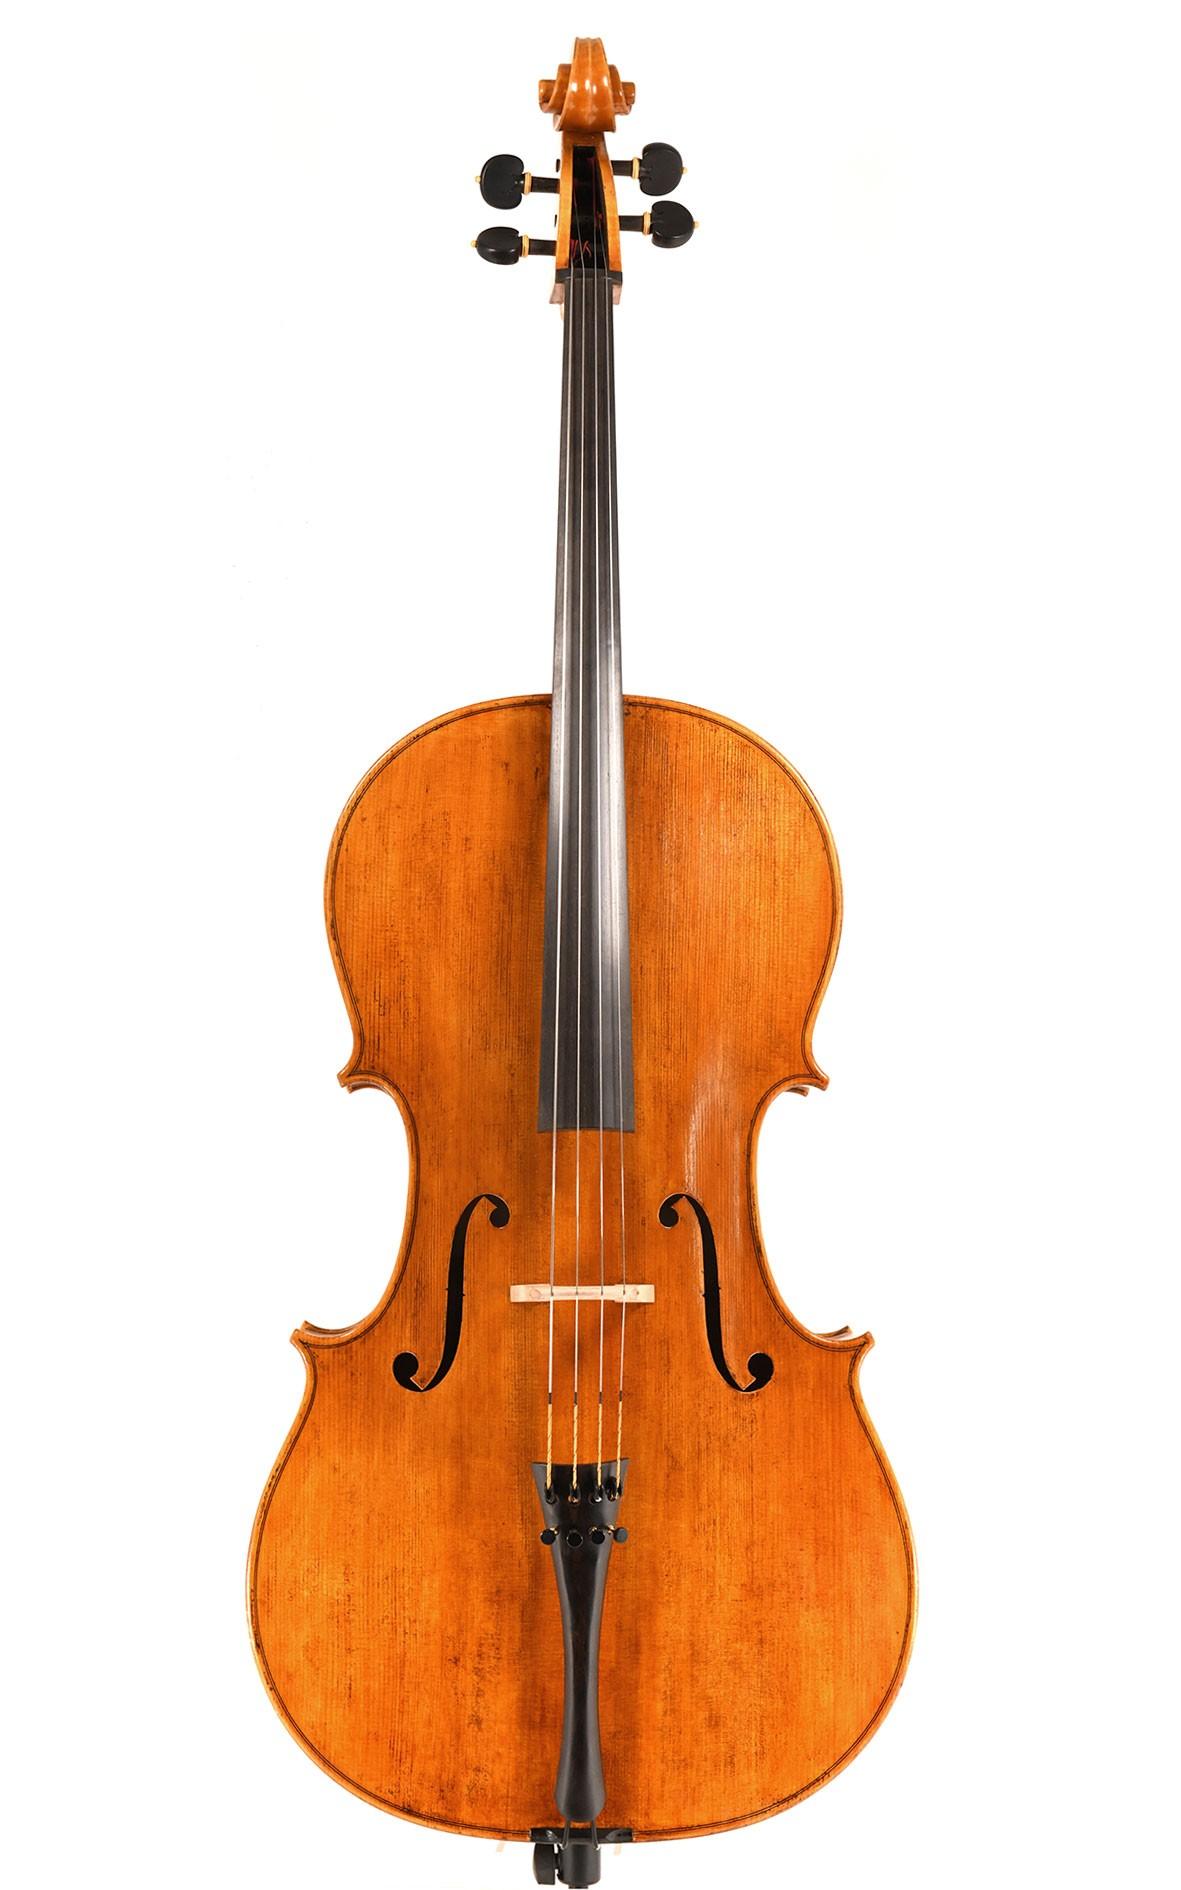 Italian cello from Cremona, C. Perletti